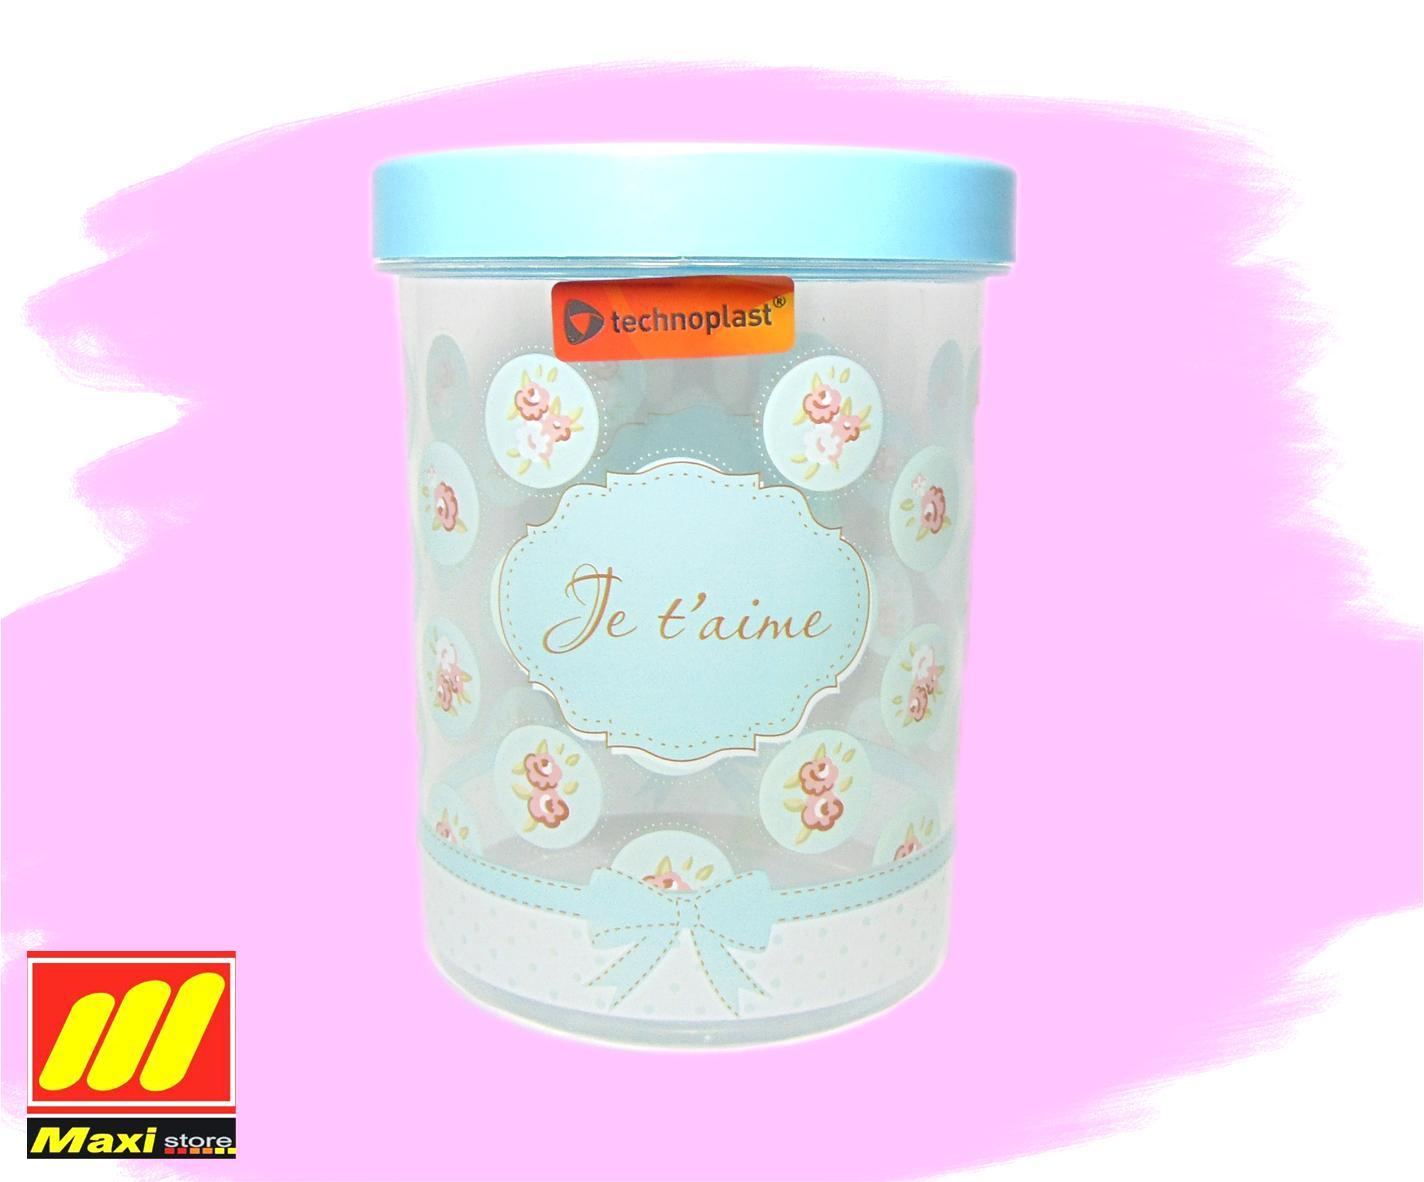 toples technoplast bonjour 1150 ml - Maxistore